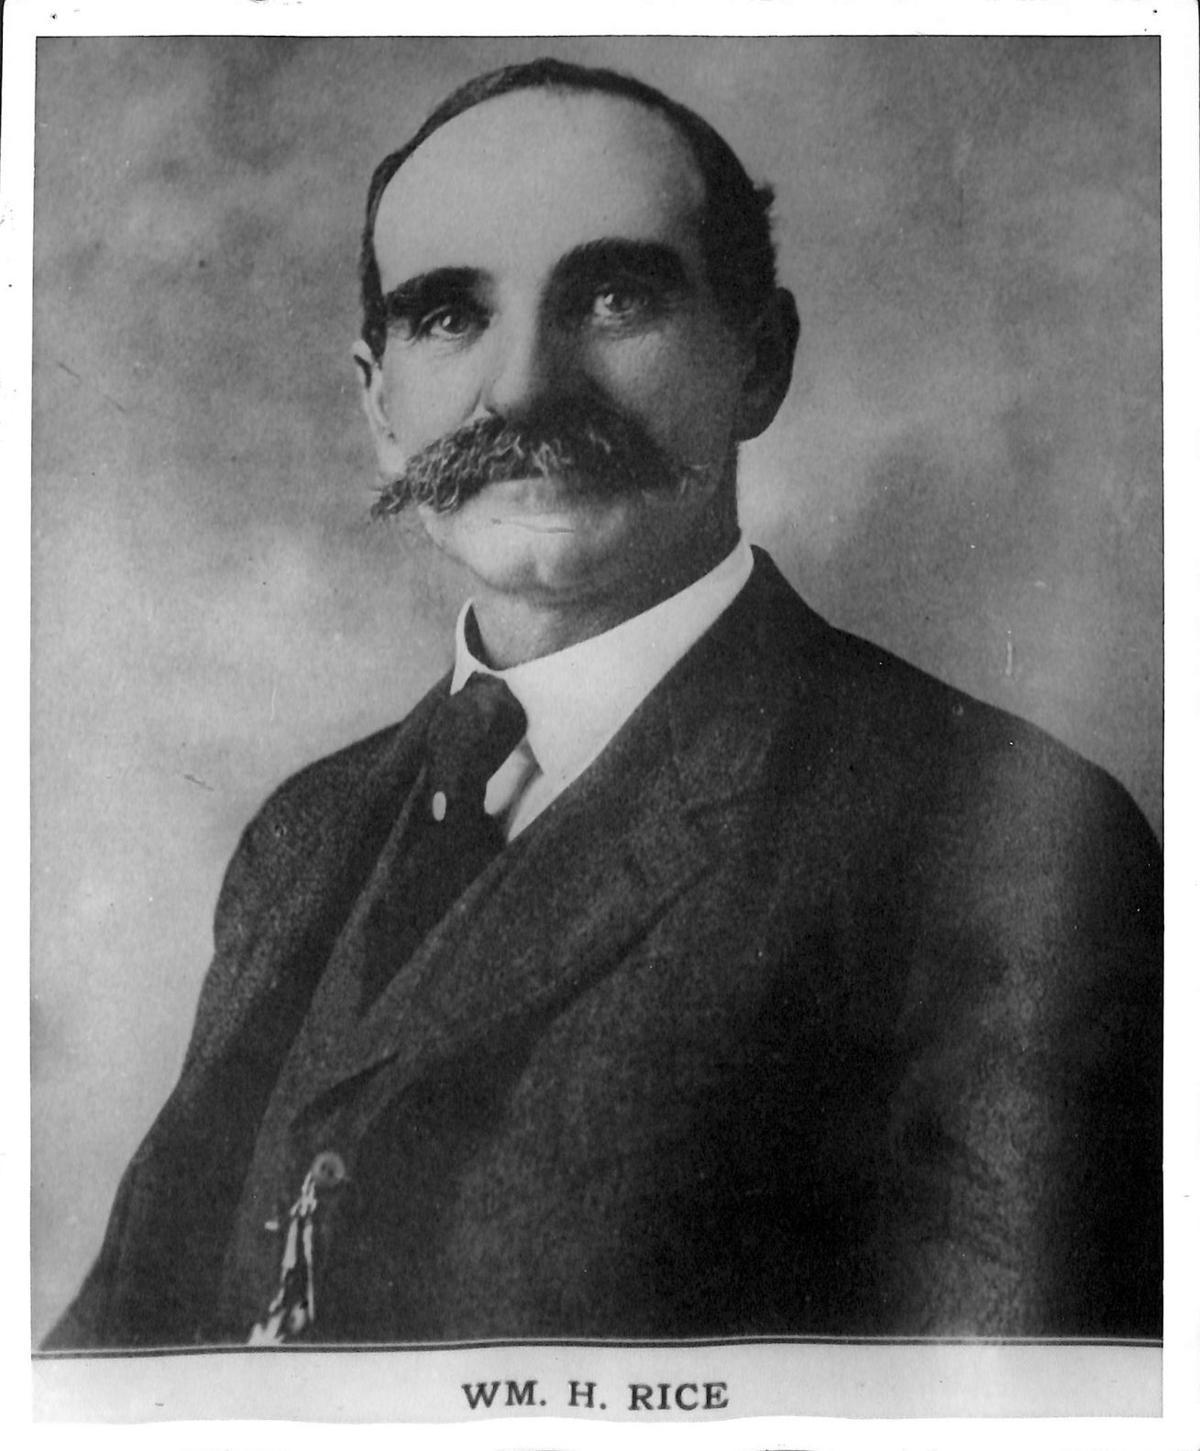 William Hickman Rice